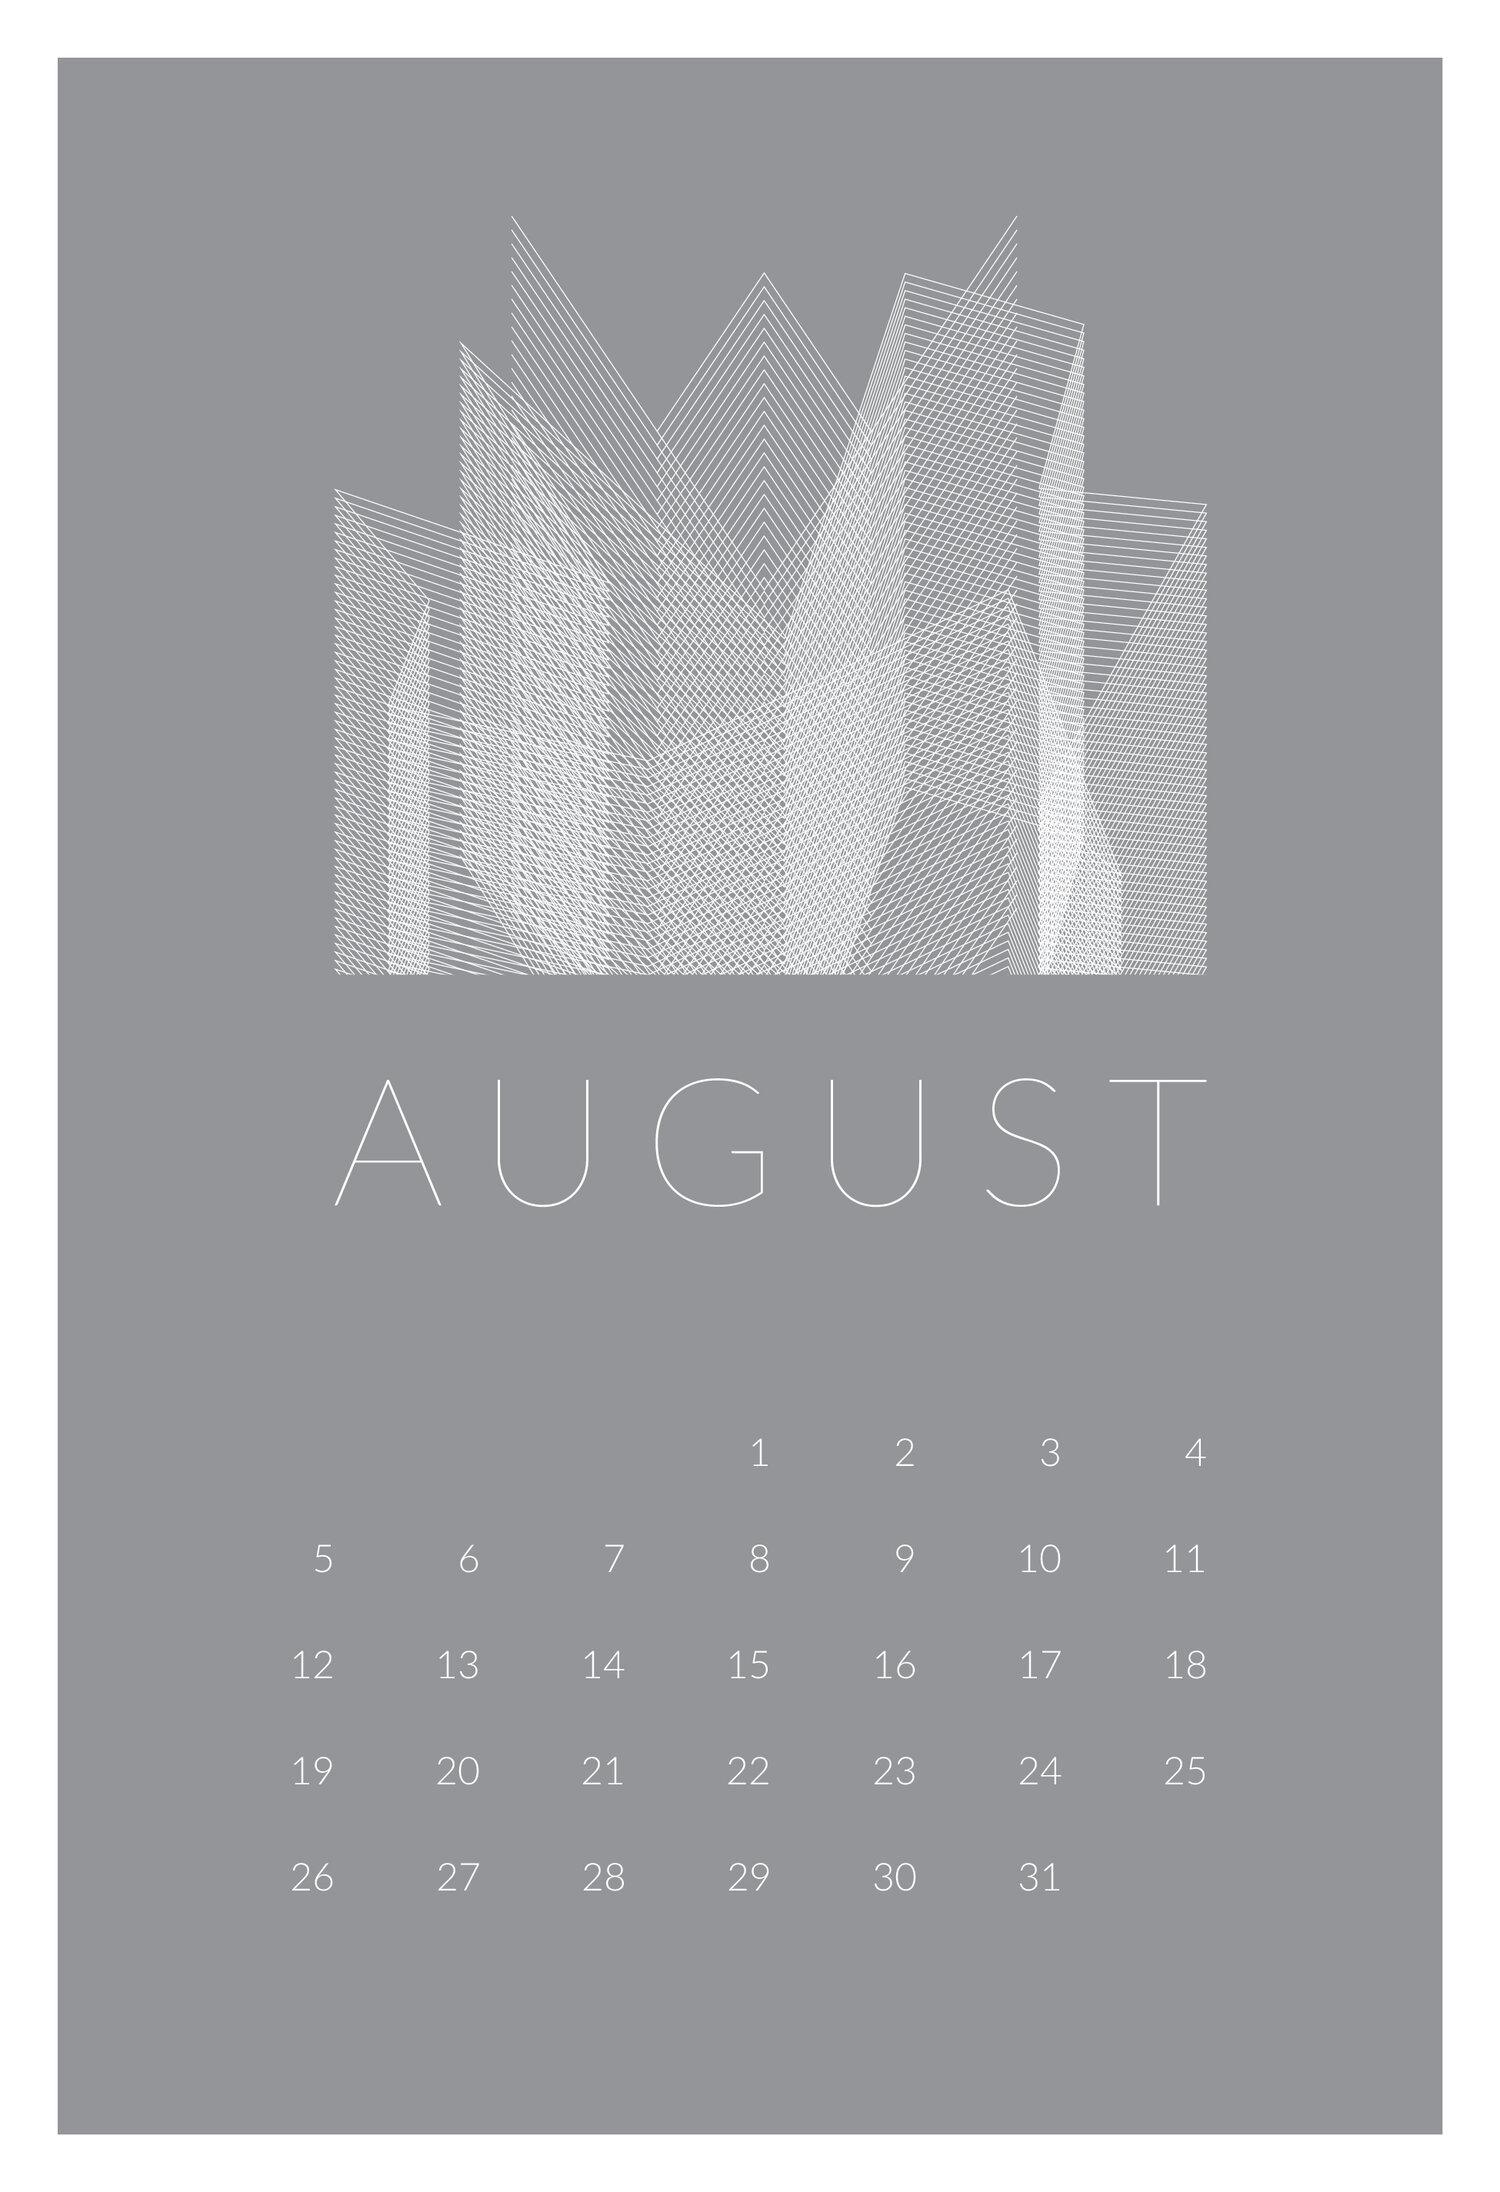 Henrik_Calendar-08.jpg